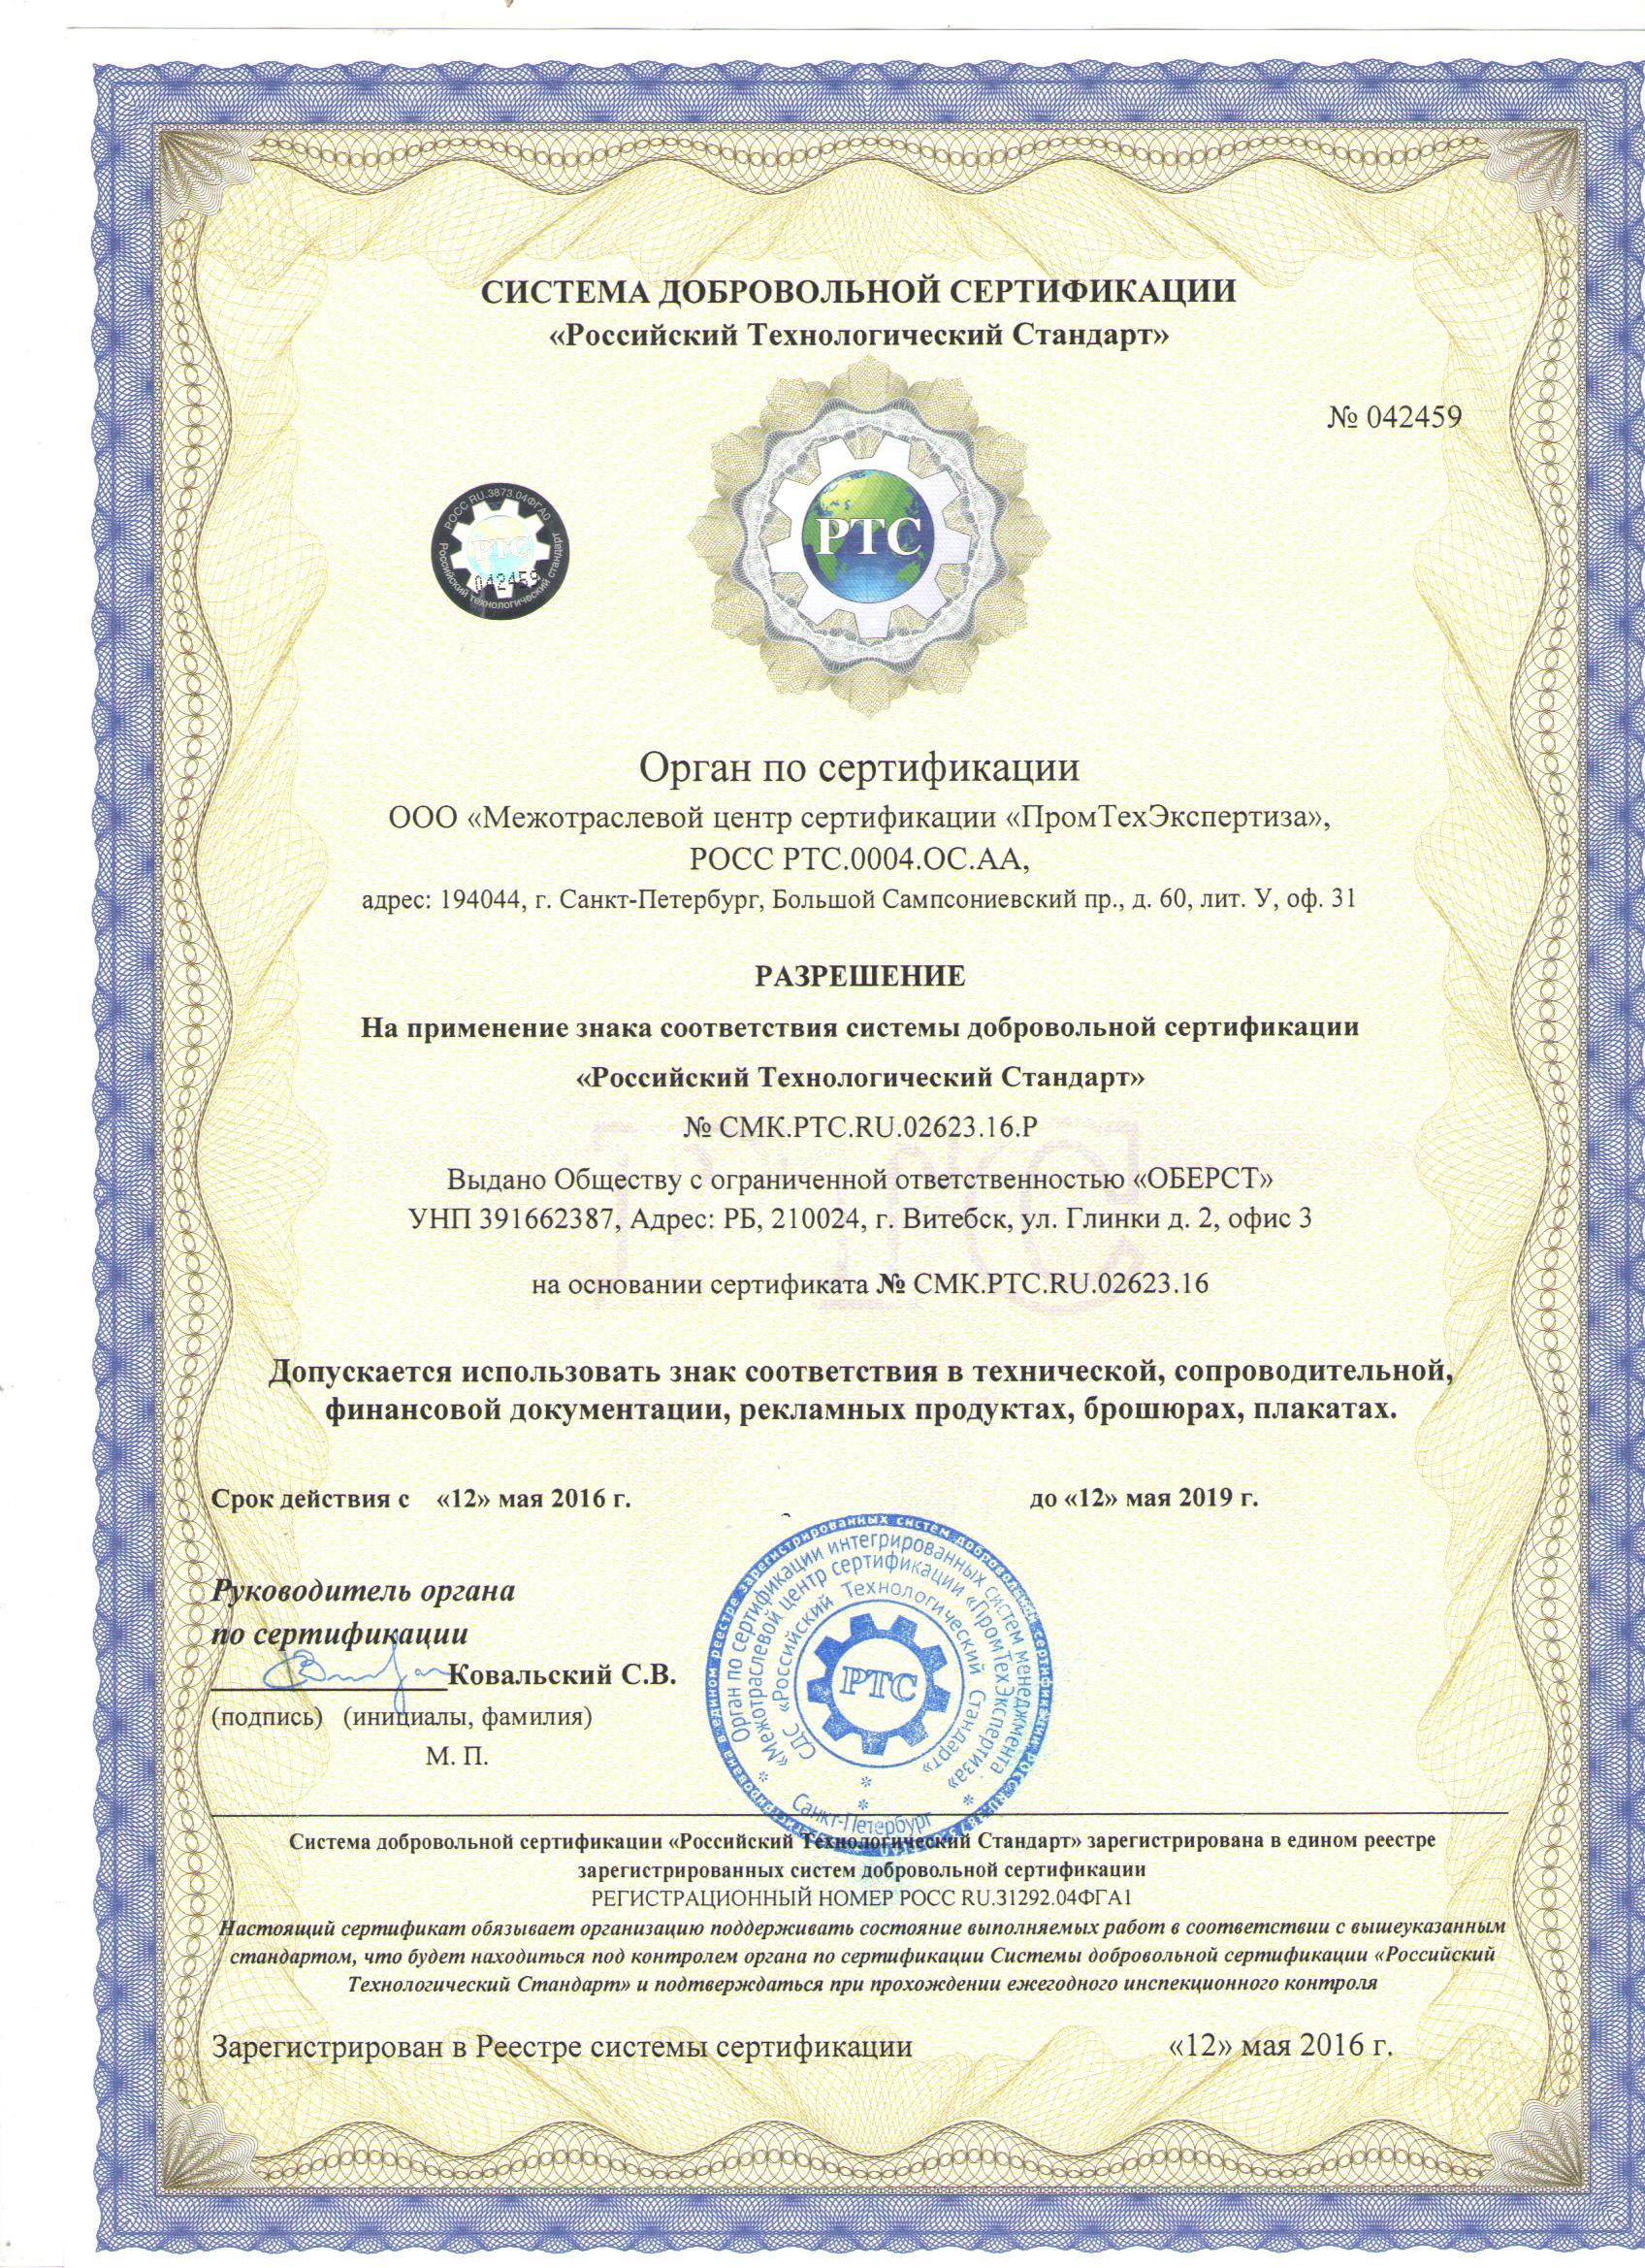 Сертификат системы менеджмента качества ISO 9001-2